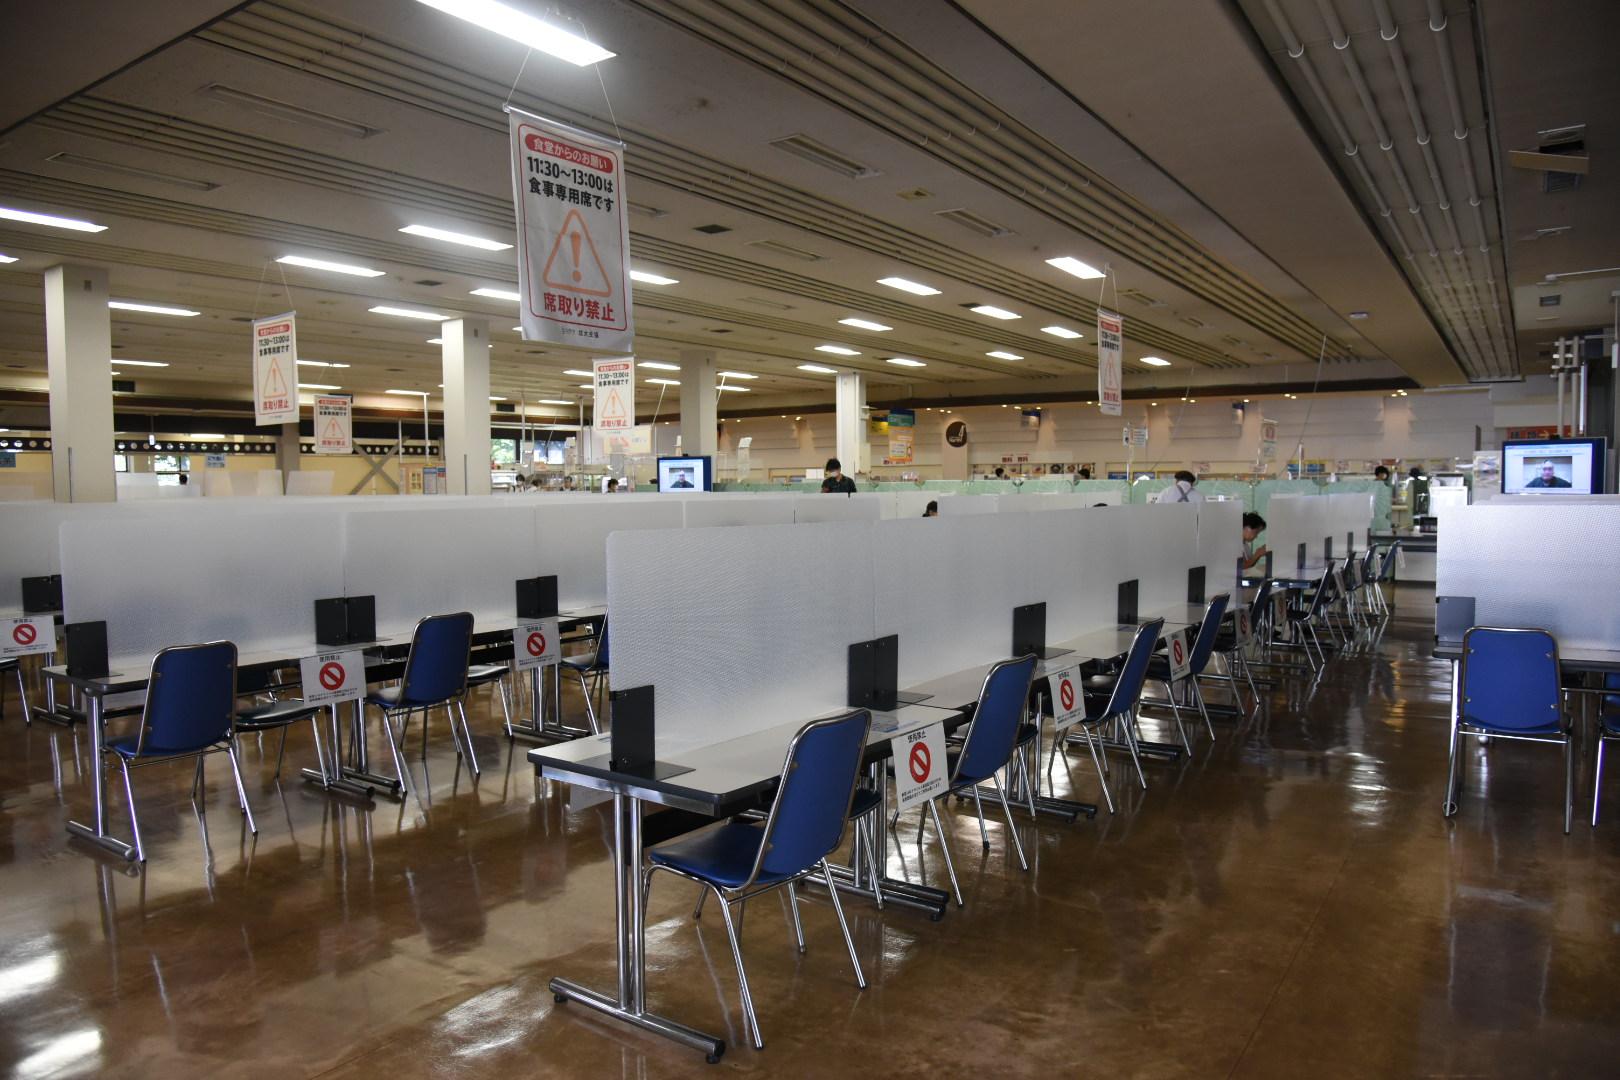 コロナに直面 採算改善の取り組み停滞 来店客数、コロナ前の5分の1 —北大生協